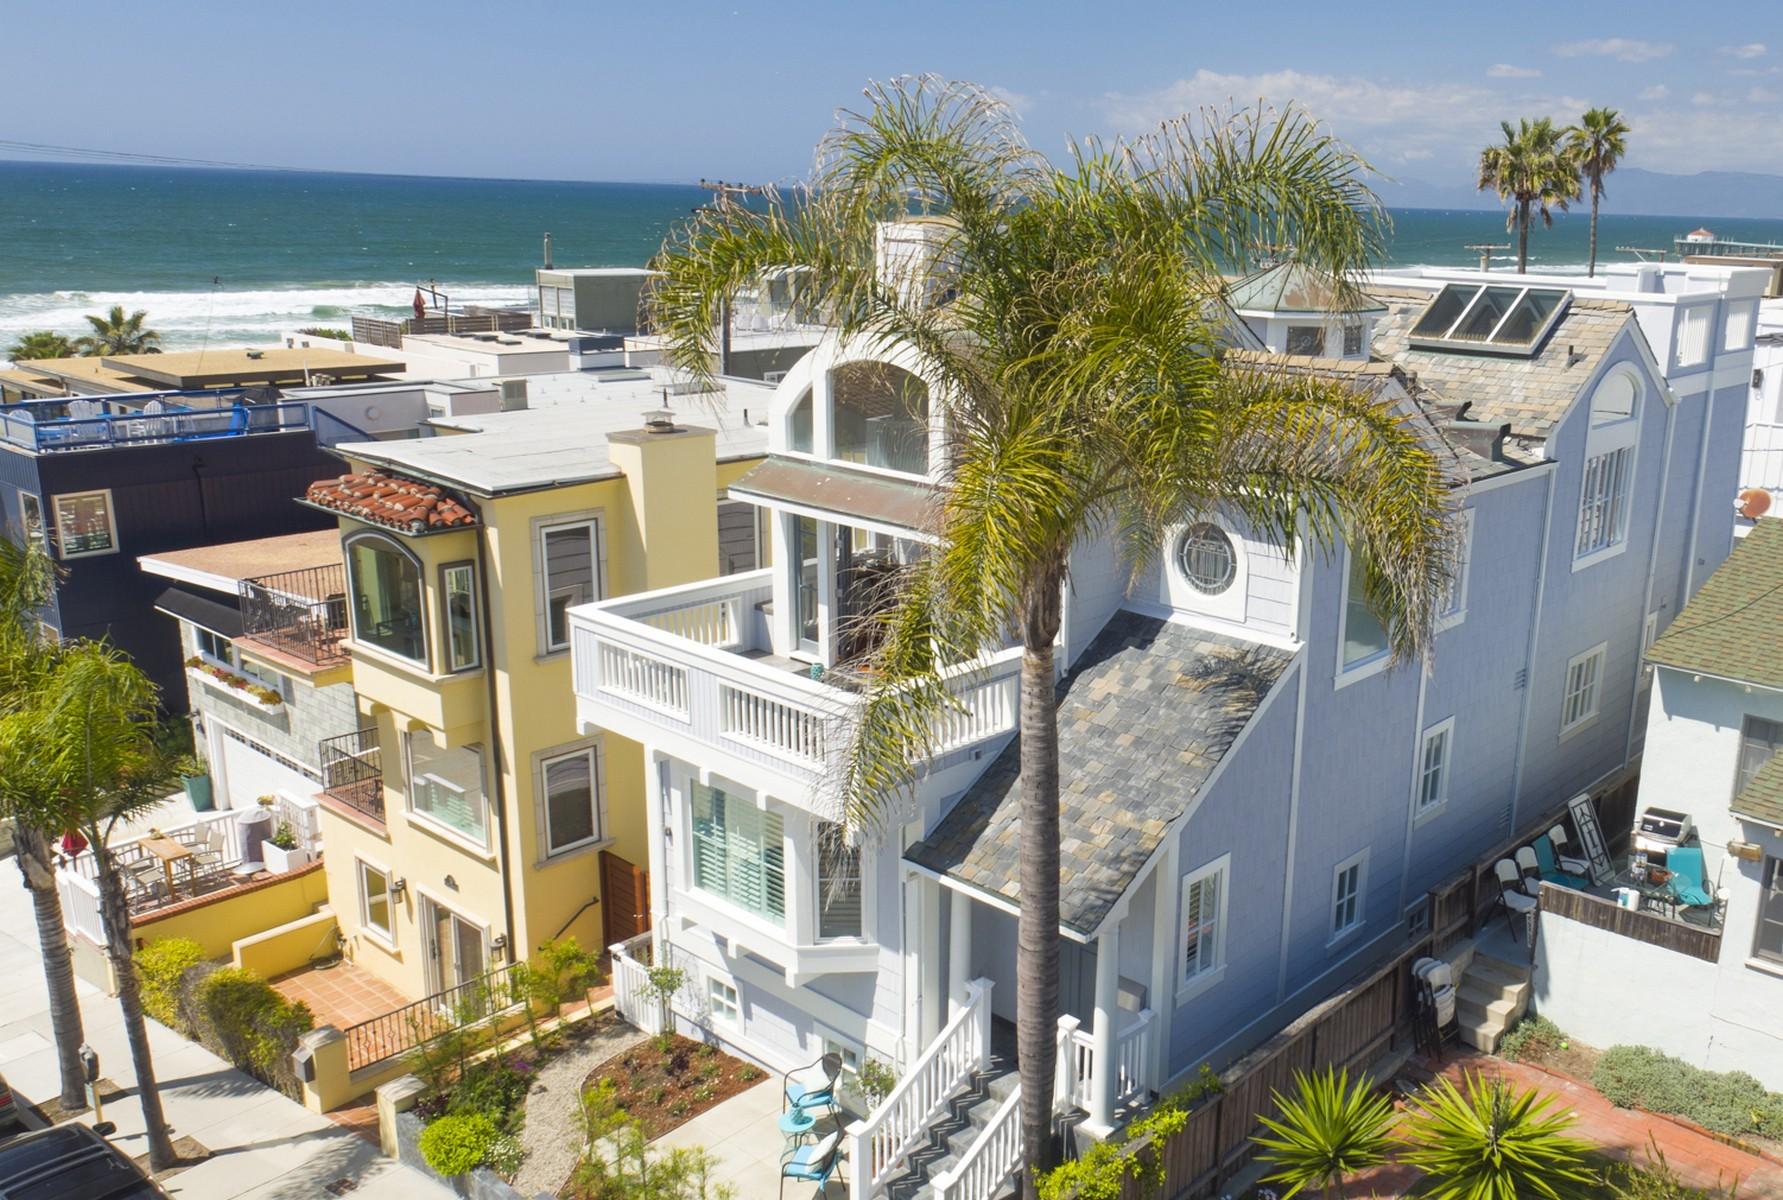 Casa para uma família para Venda às 135 33rd Street Hermosa Beach, Califórnia, 90254 Estados Unidos